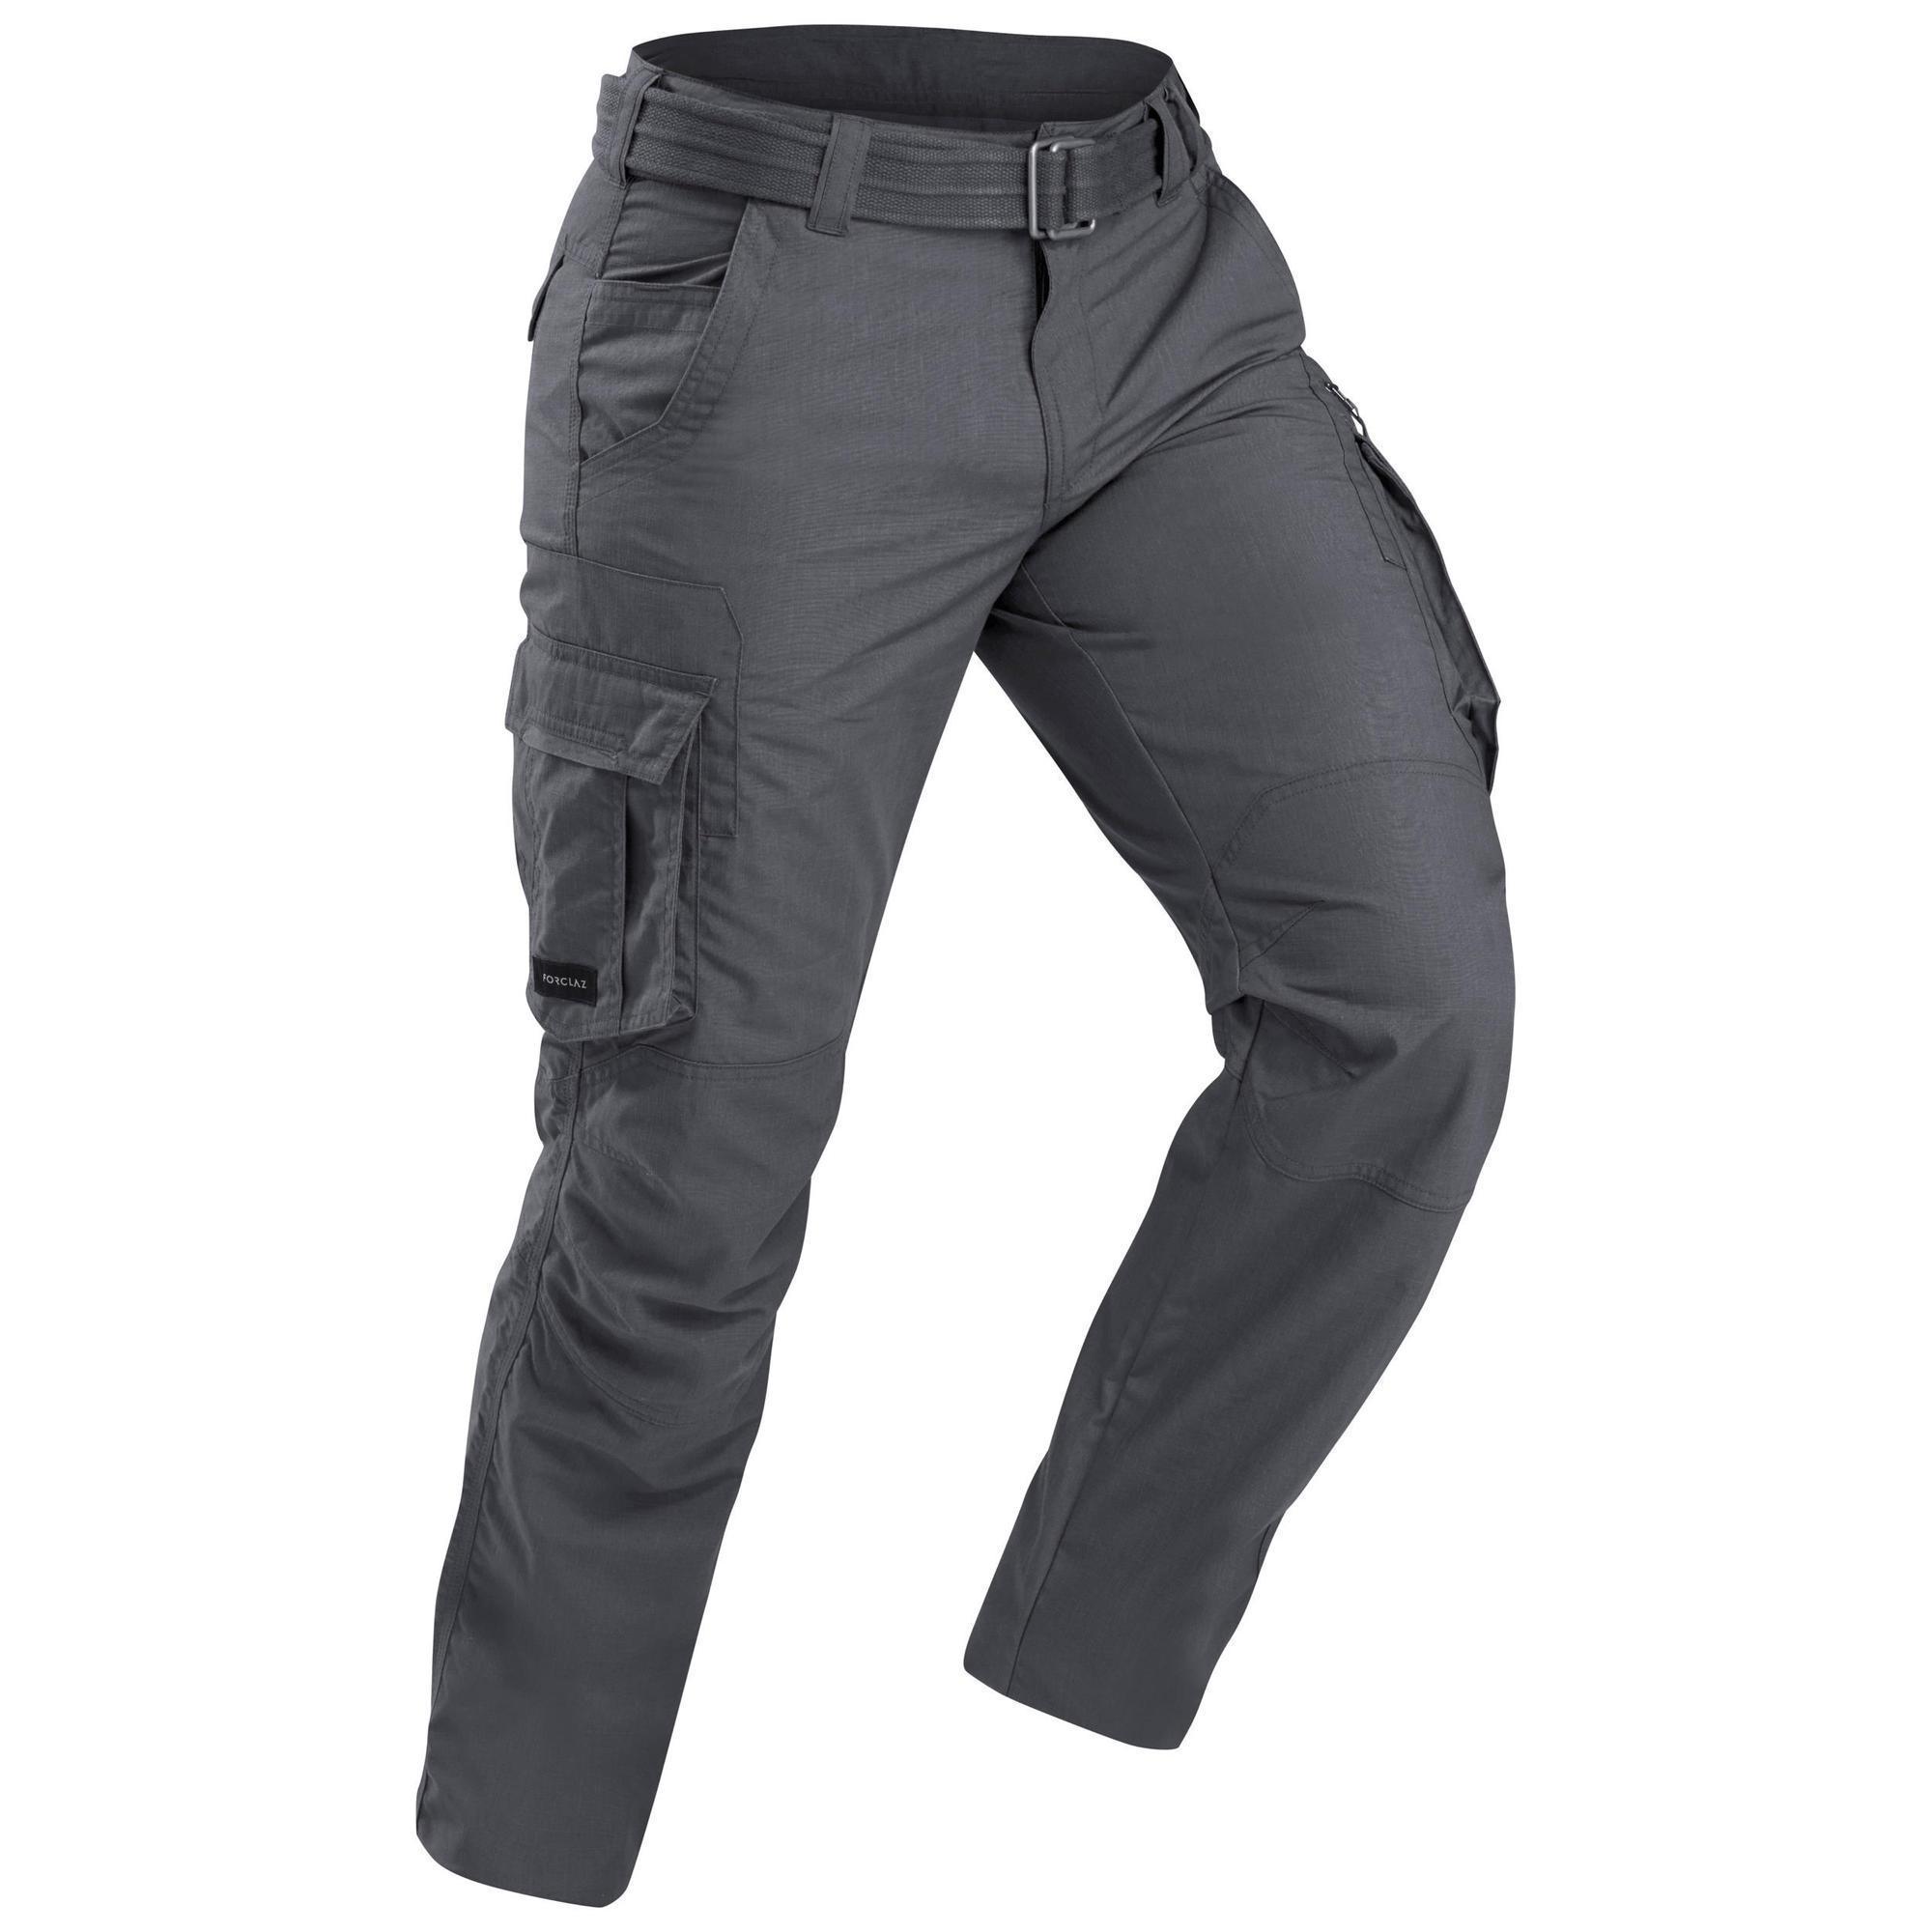 Pantalon cargo de trek voyage - TRAVEL 10